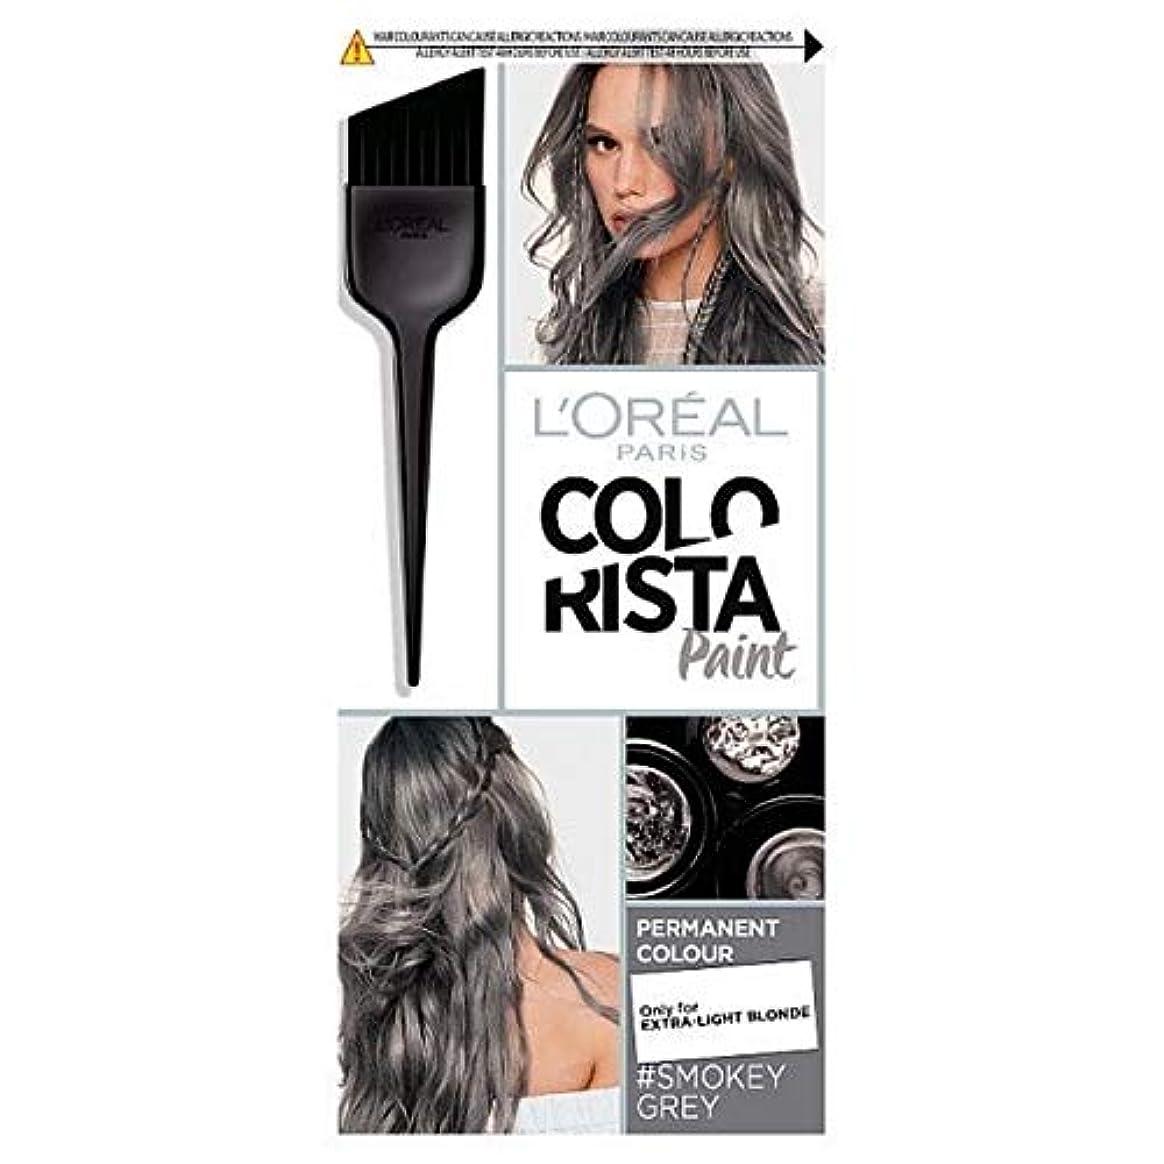 リビングルームカップズーム[Colorista] Colorista髪9.1スモークグレーペイント - Colorista Hair Paint 9.1 Smoke Grey [並行輸入品]